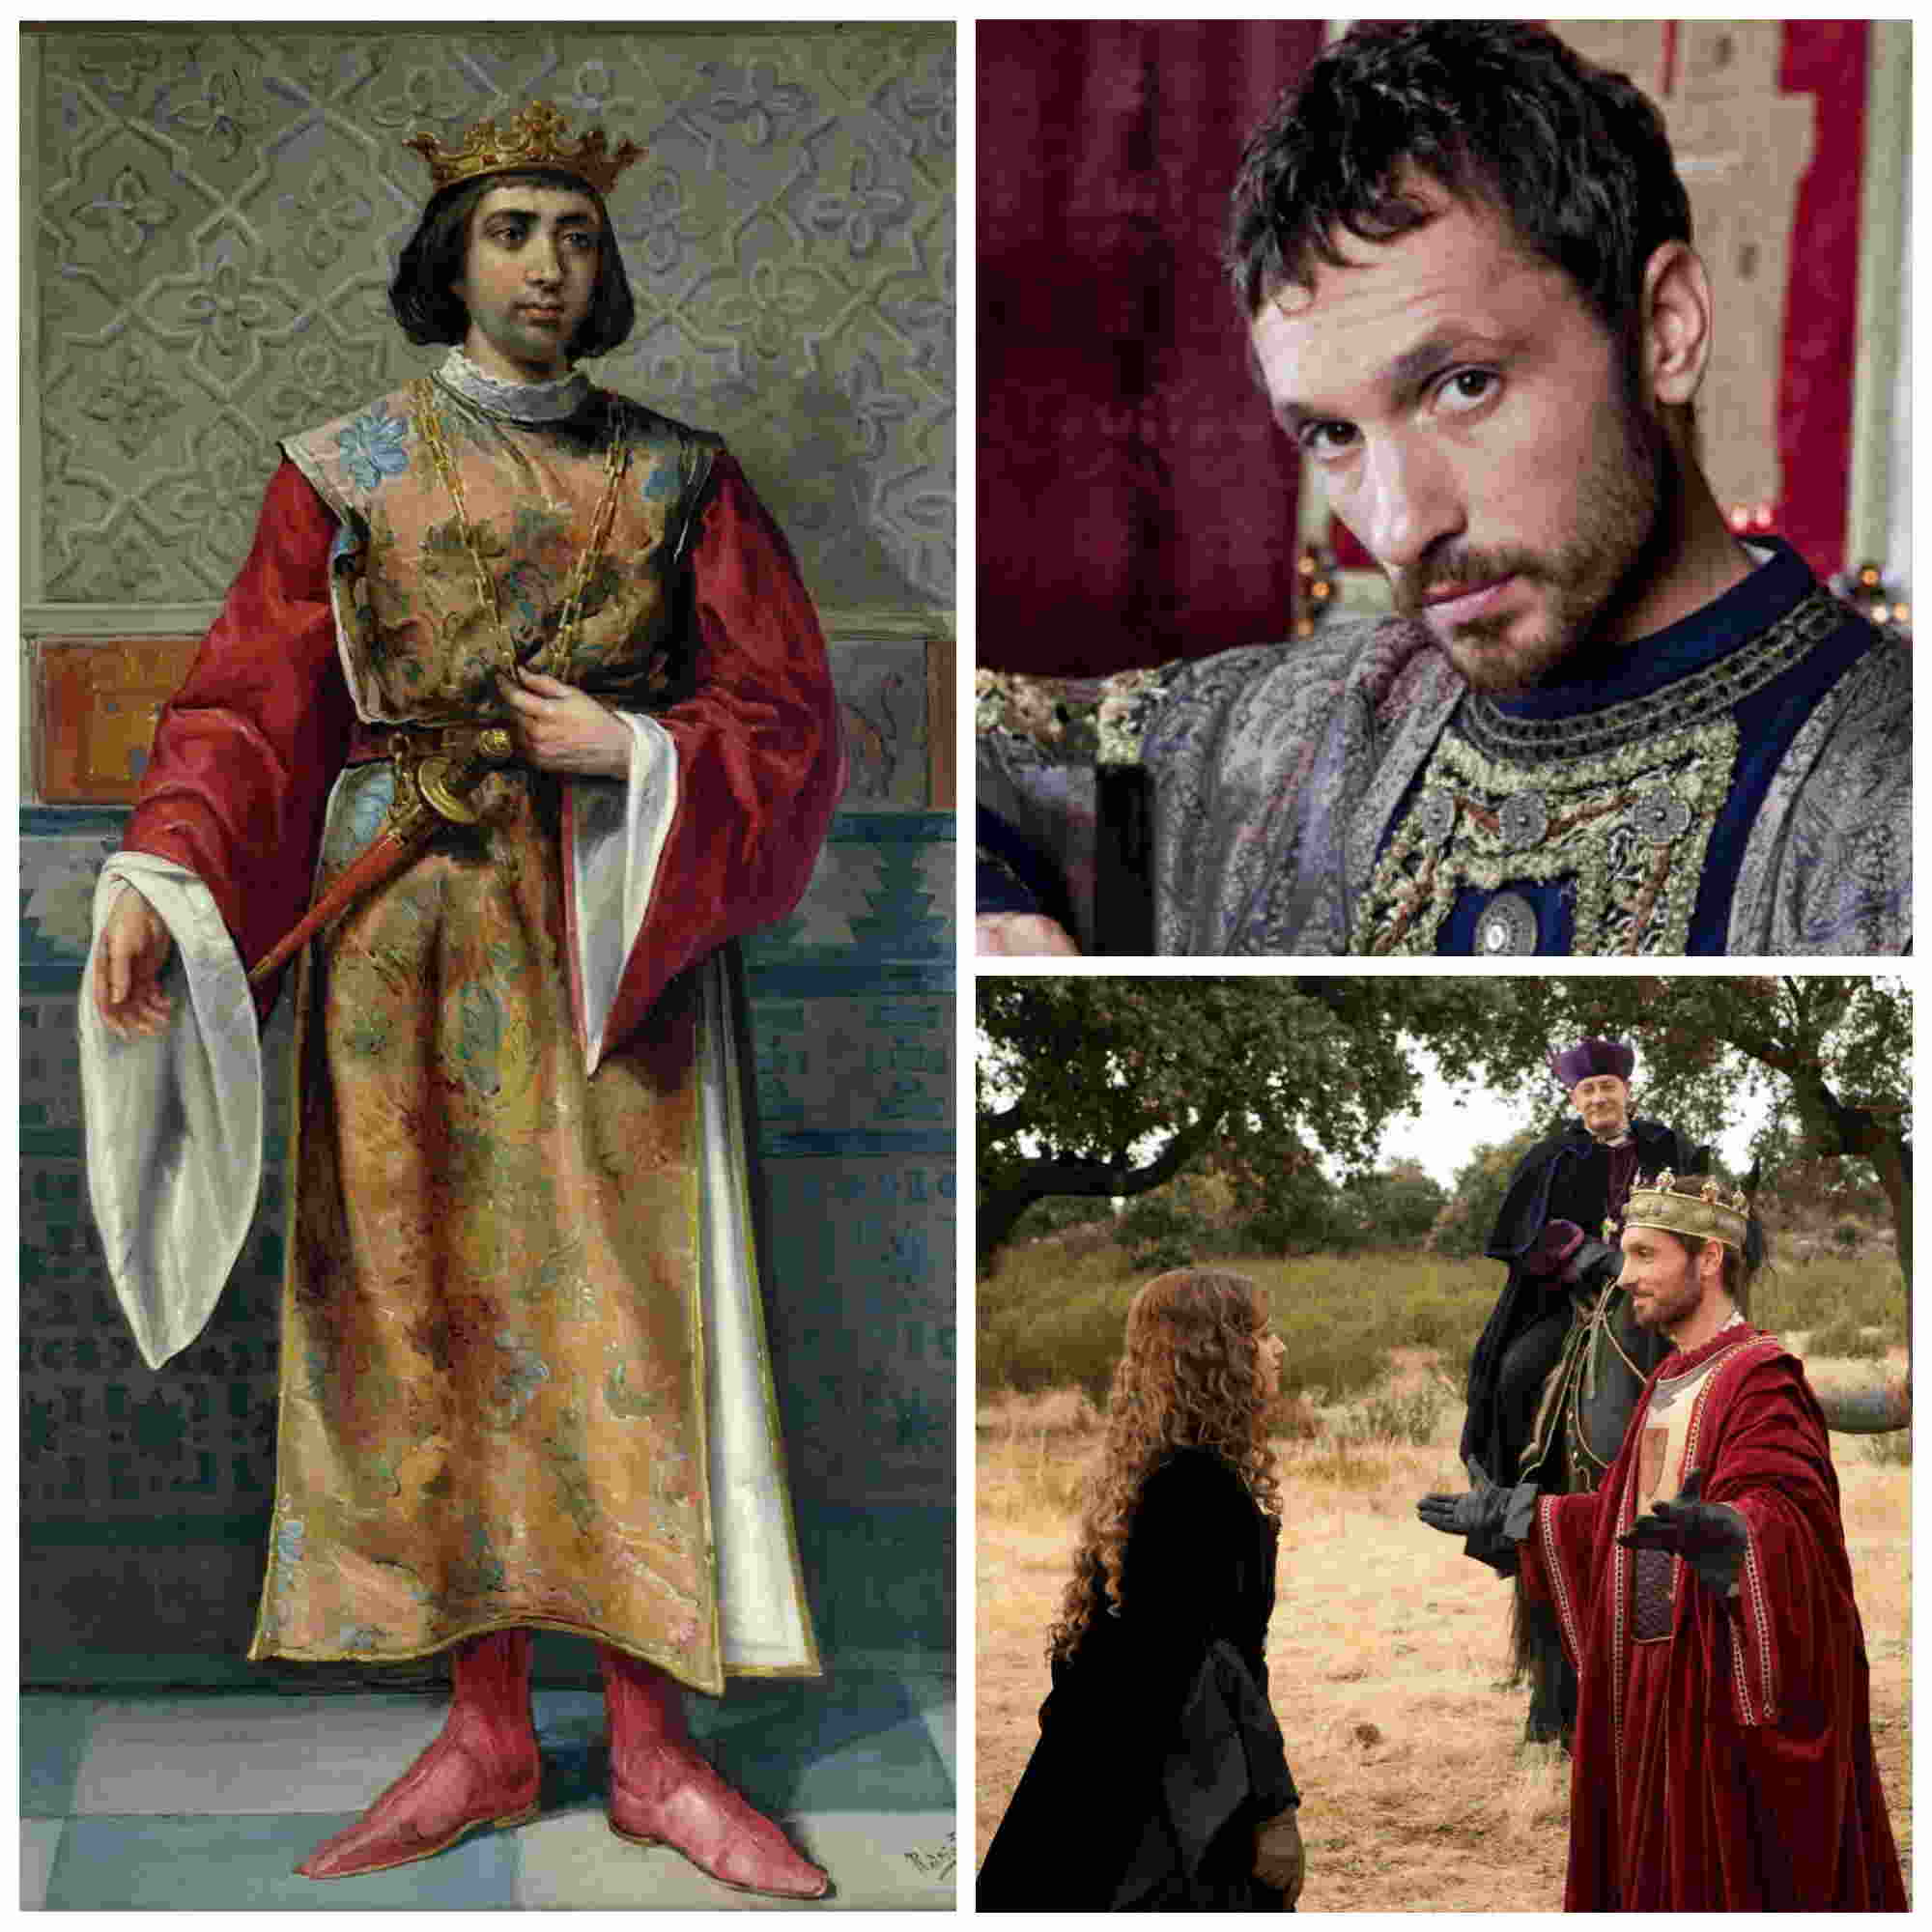 Enrique IV de Castilla, el Impotente